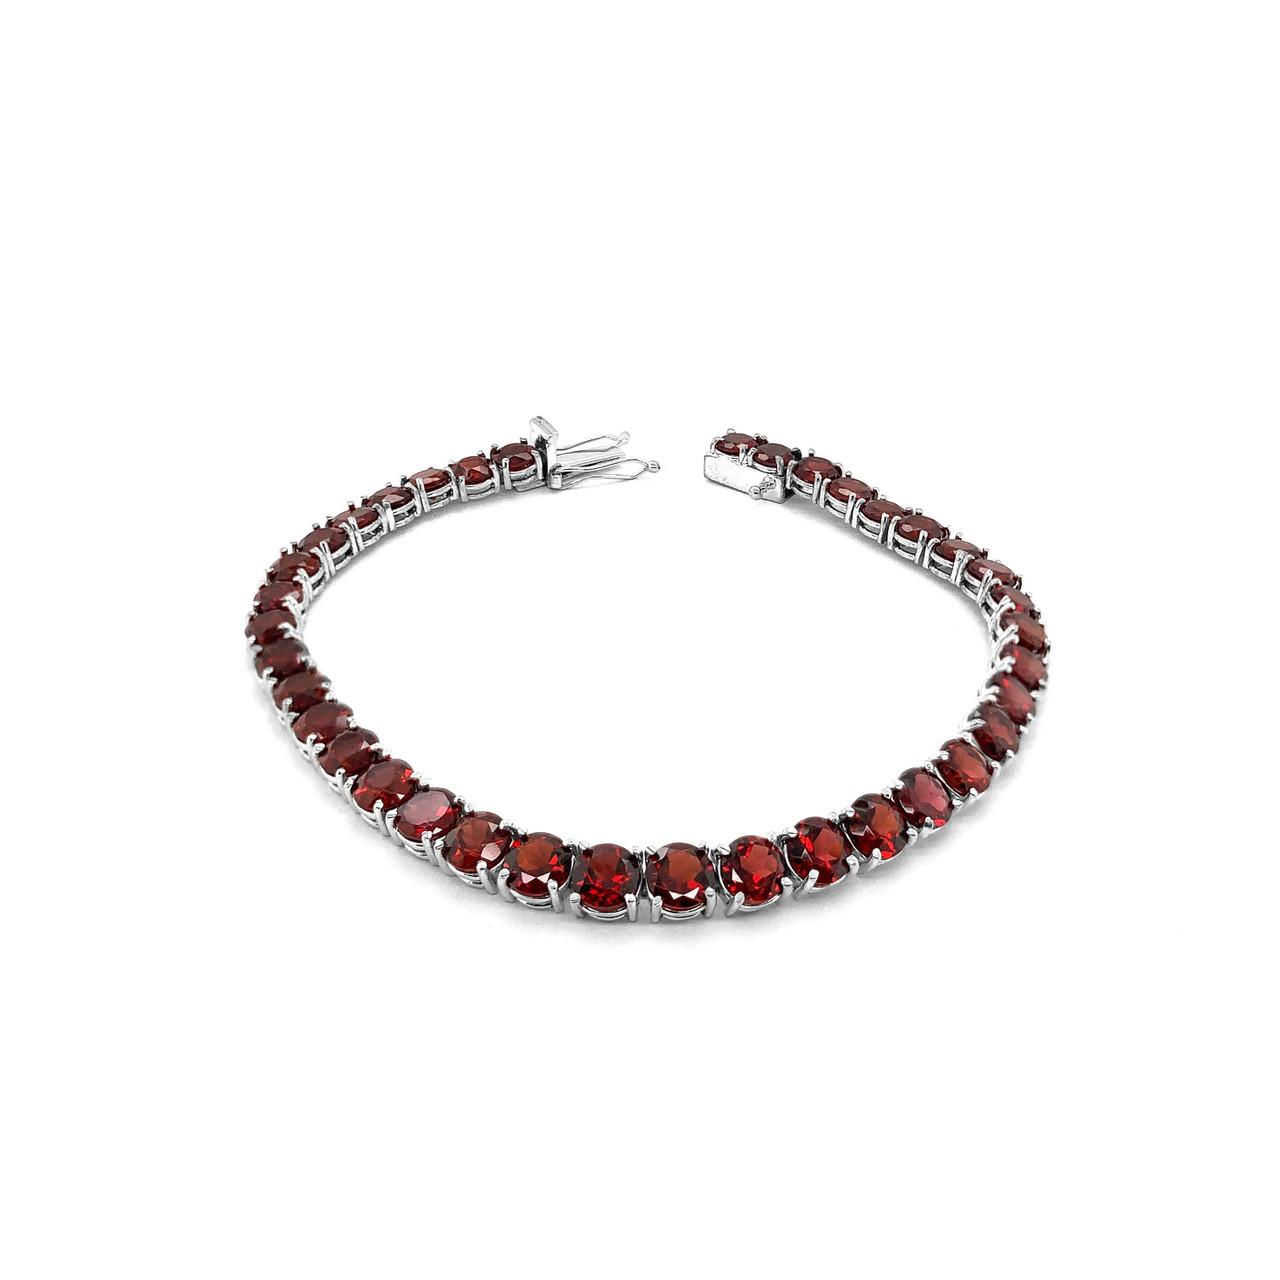 Garnet Bracelet with Sterling Silver